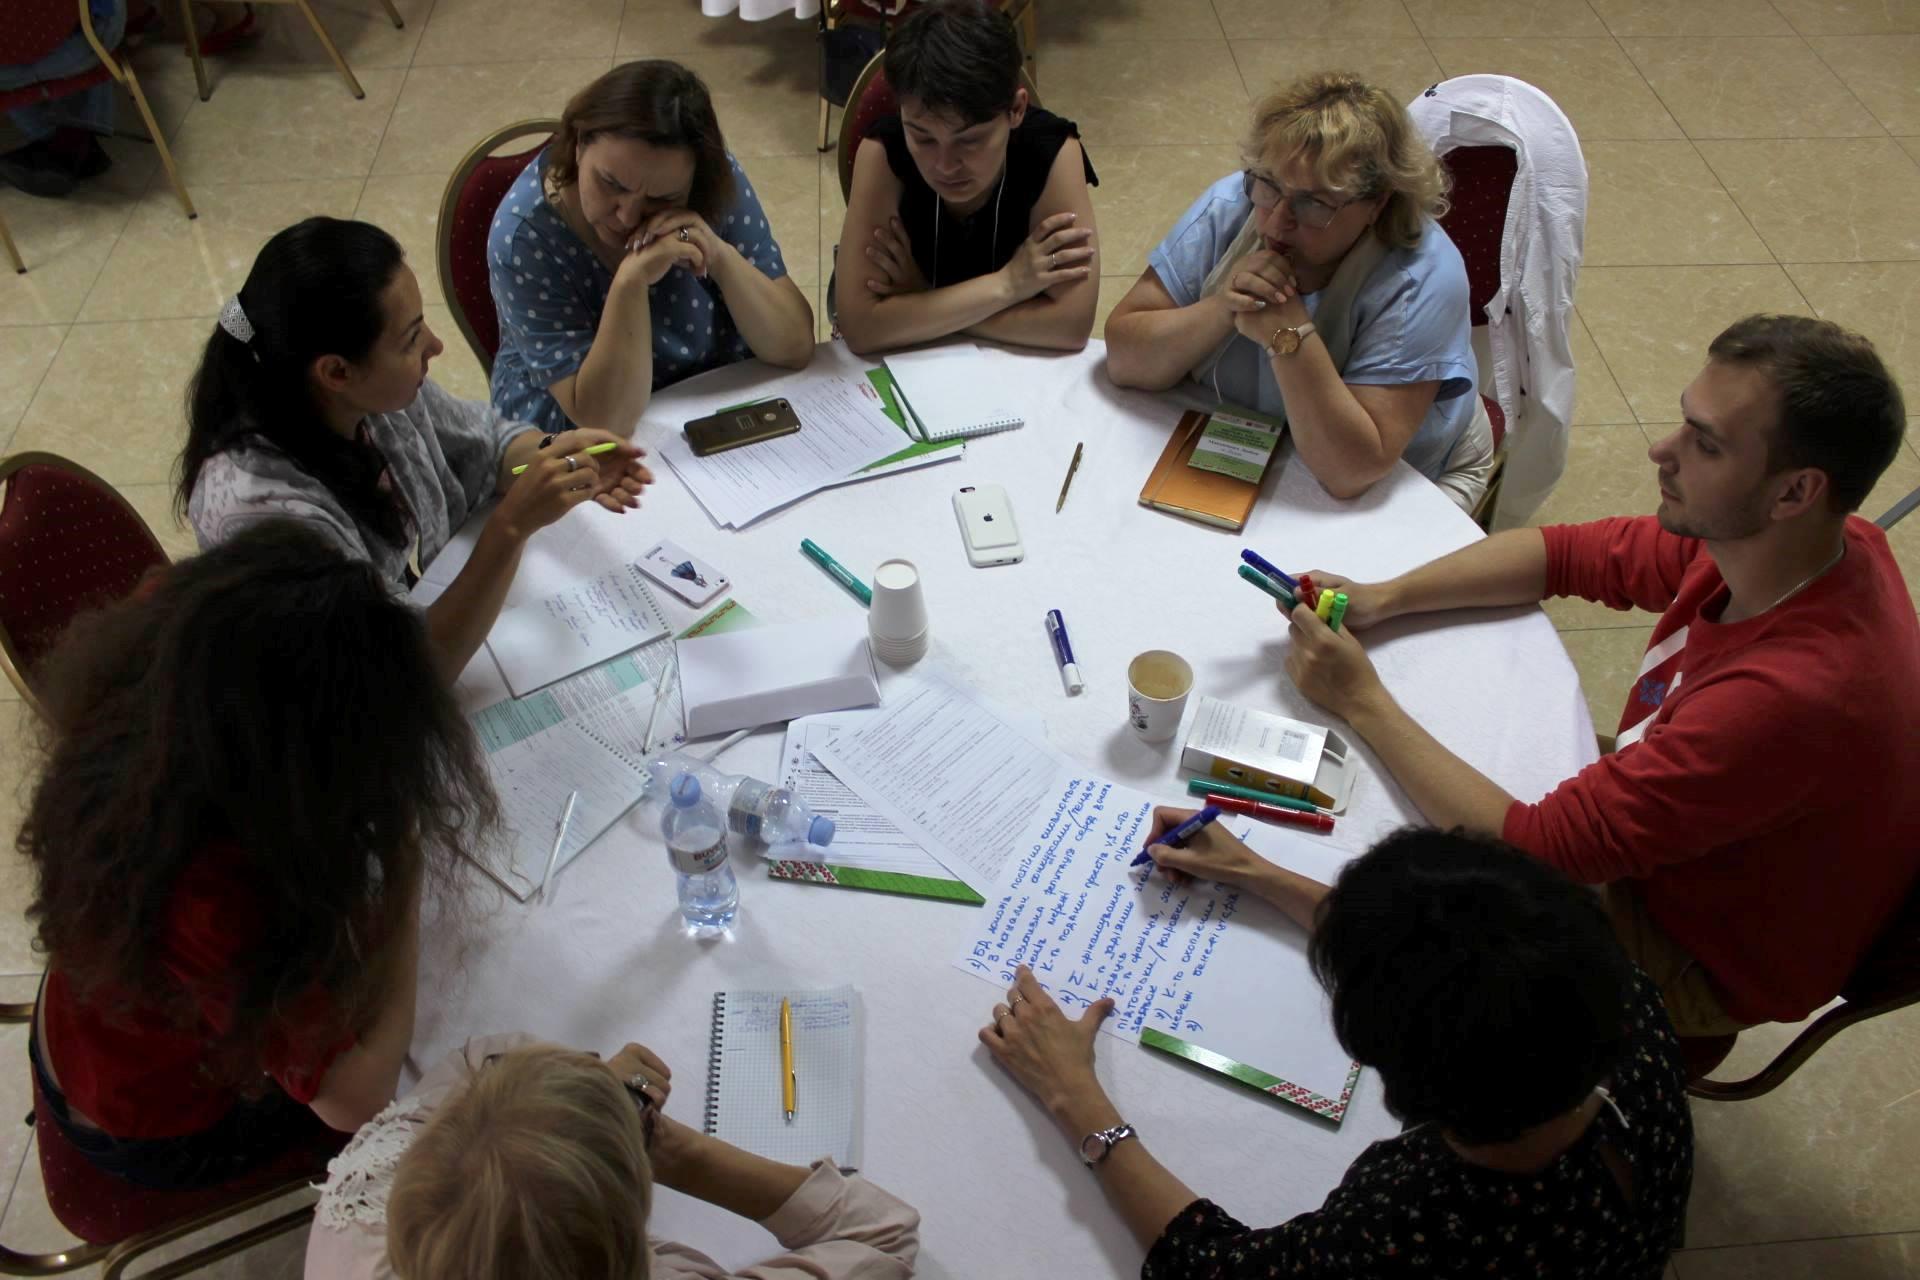 Робоча зустріч членів Мережі в Дніпрі, 6 липня 2018 року